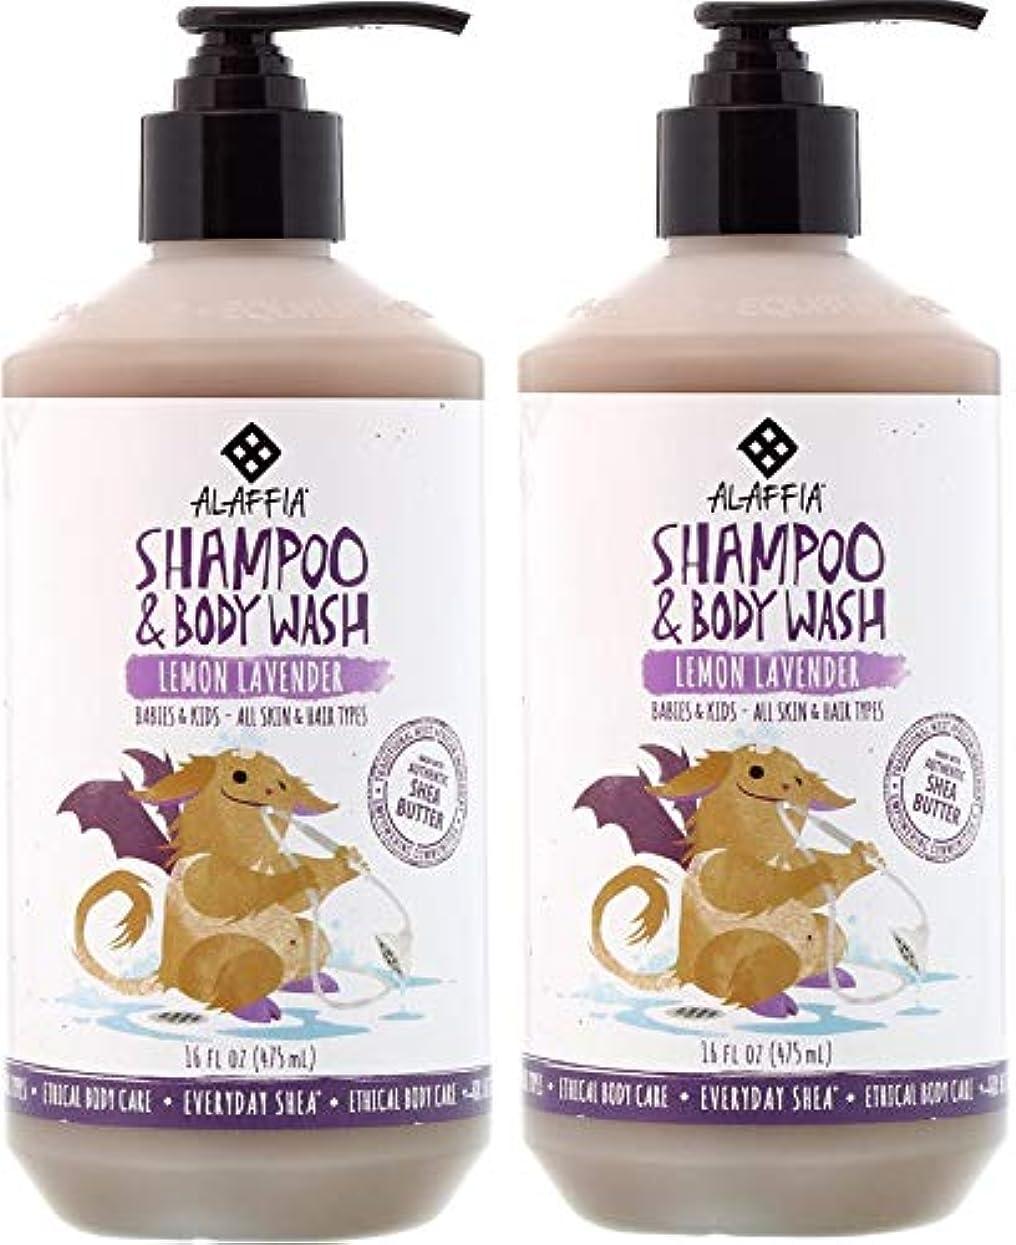 ベッドシャツ騒ぎ【2個セット】Alaffia Everyday Shea Shampoo & Body Wash Lemon Lavender for Babies and Kids 475ml+475ml シャンプー&ボディーウォッシュ×2